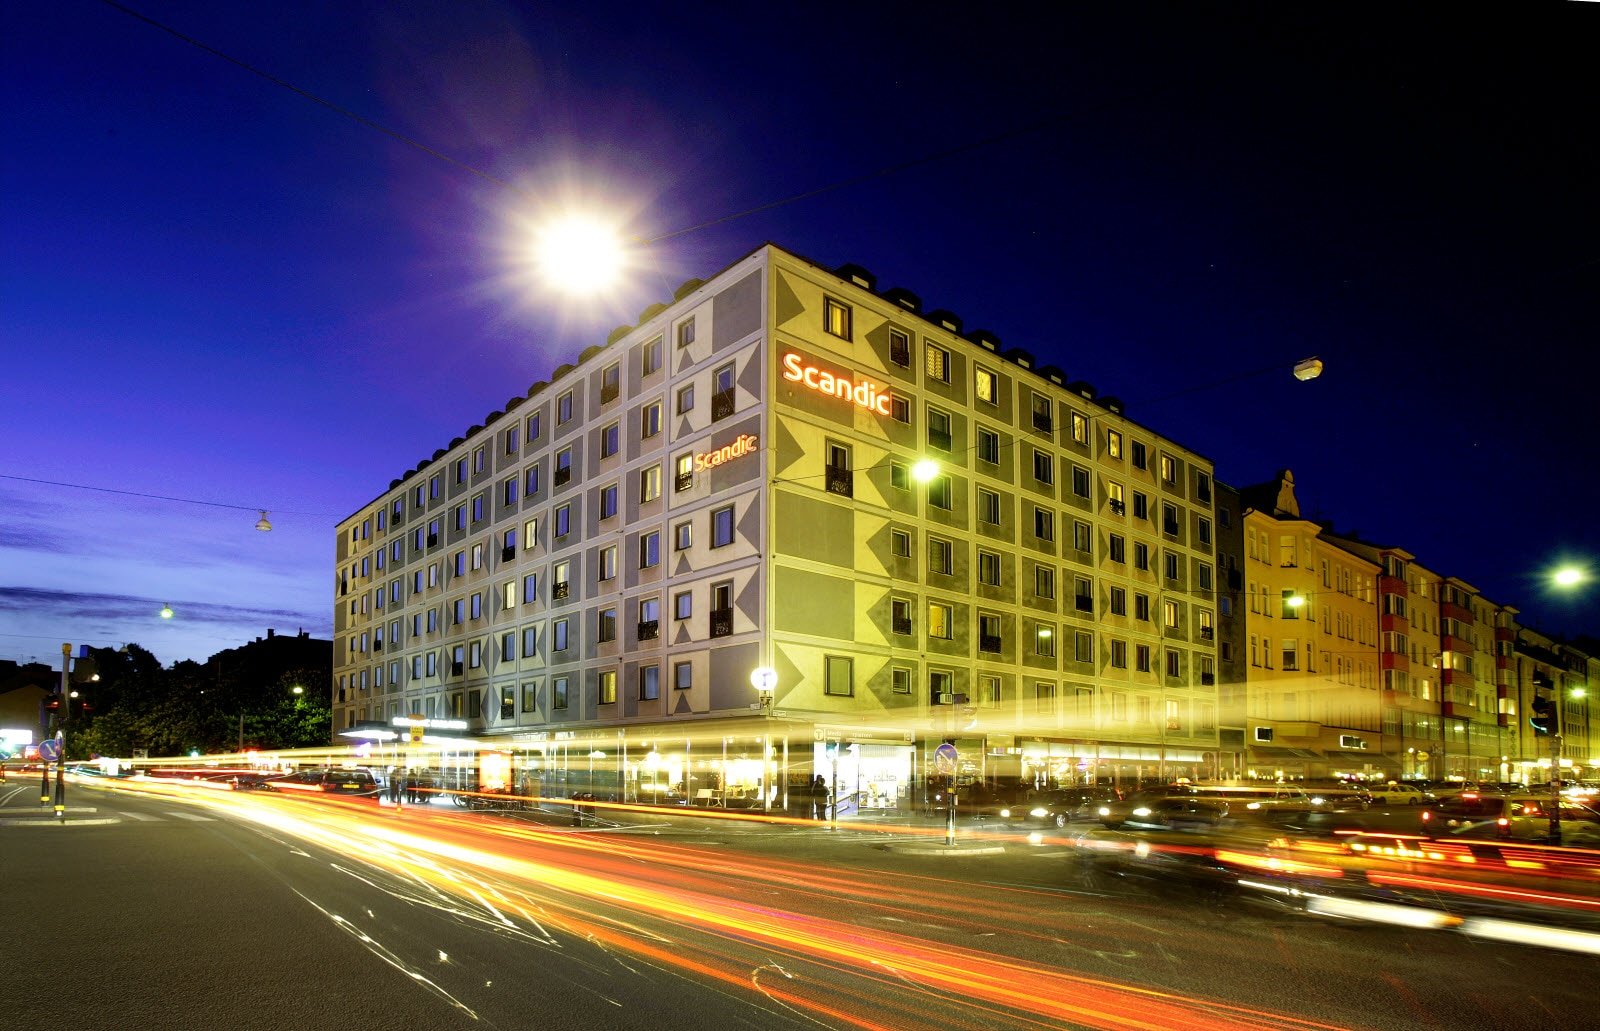 Scandic malmen hotel stockholm scandic hotels for Hotel stockholm